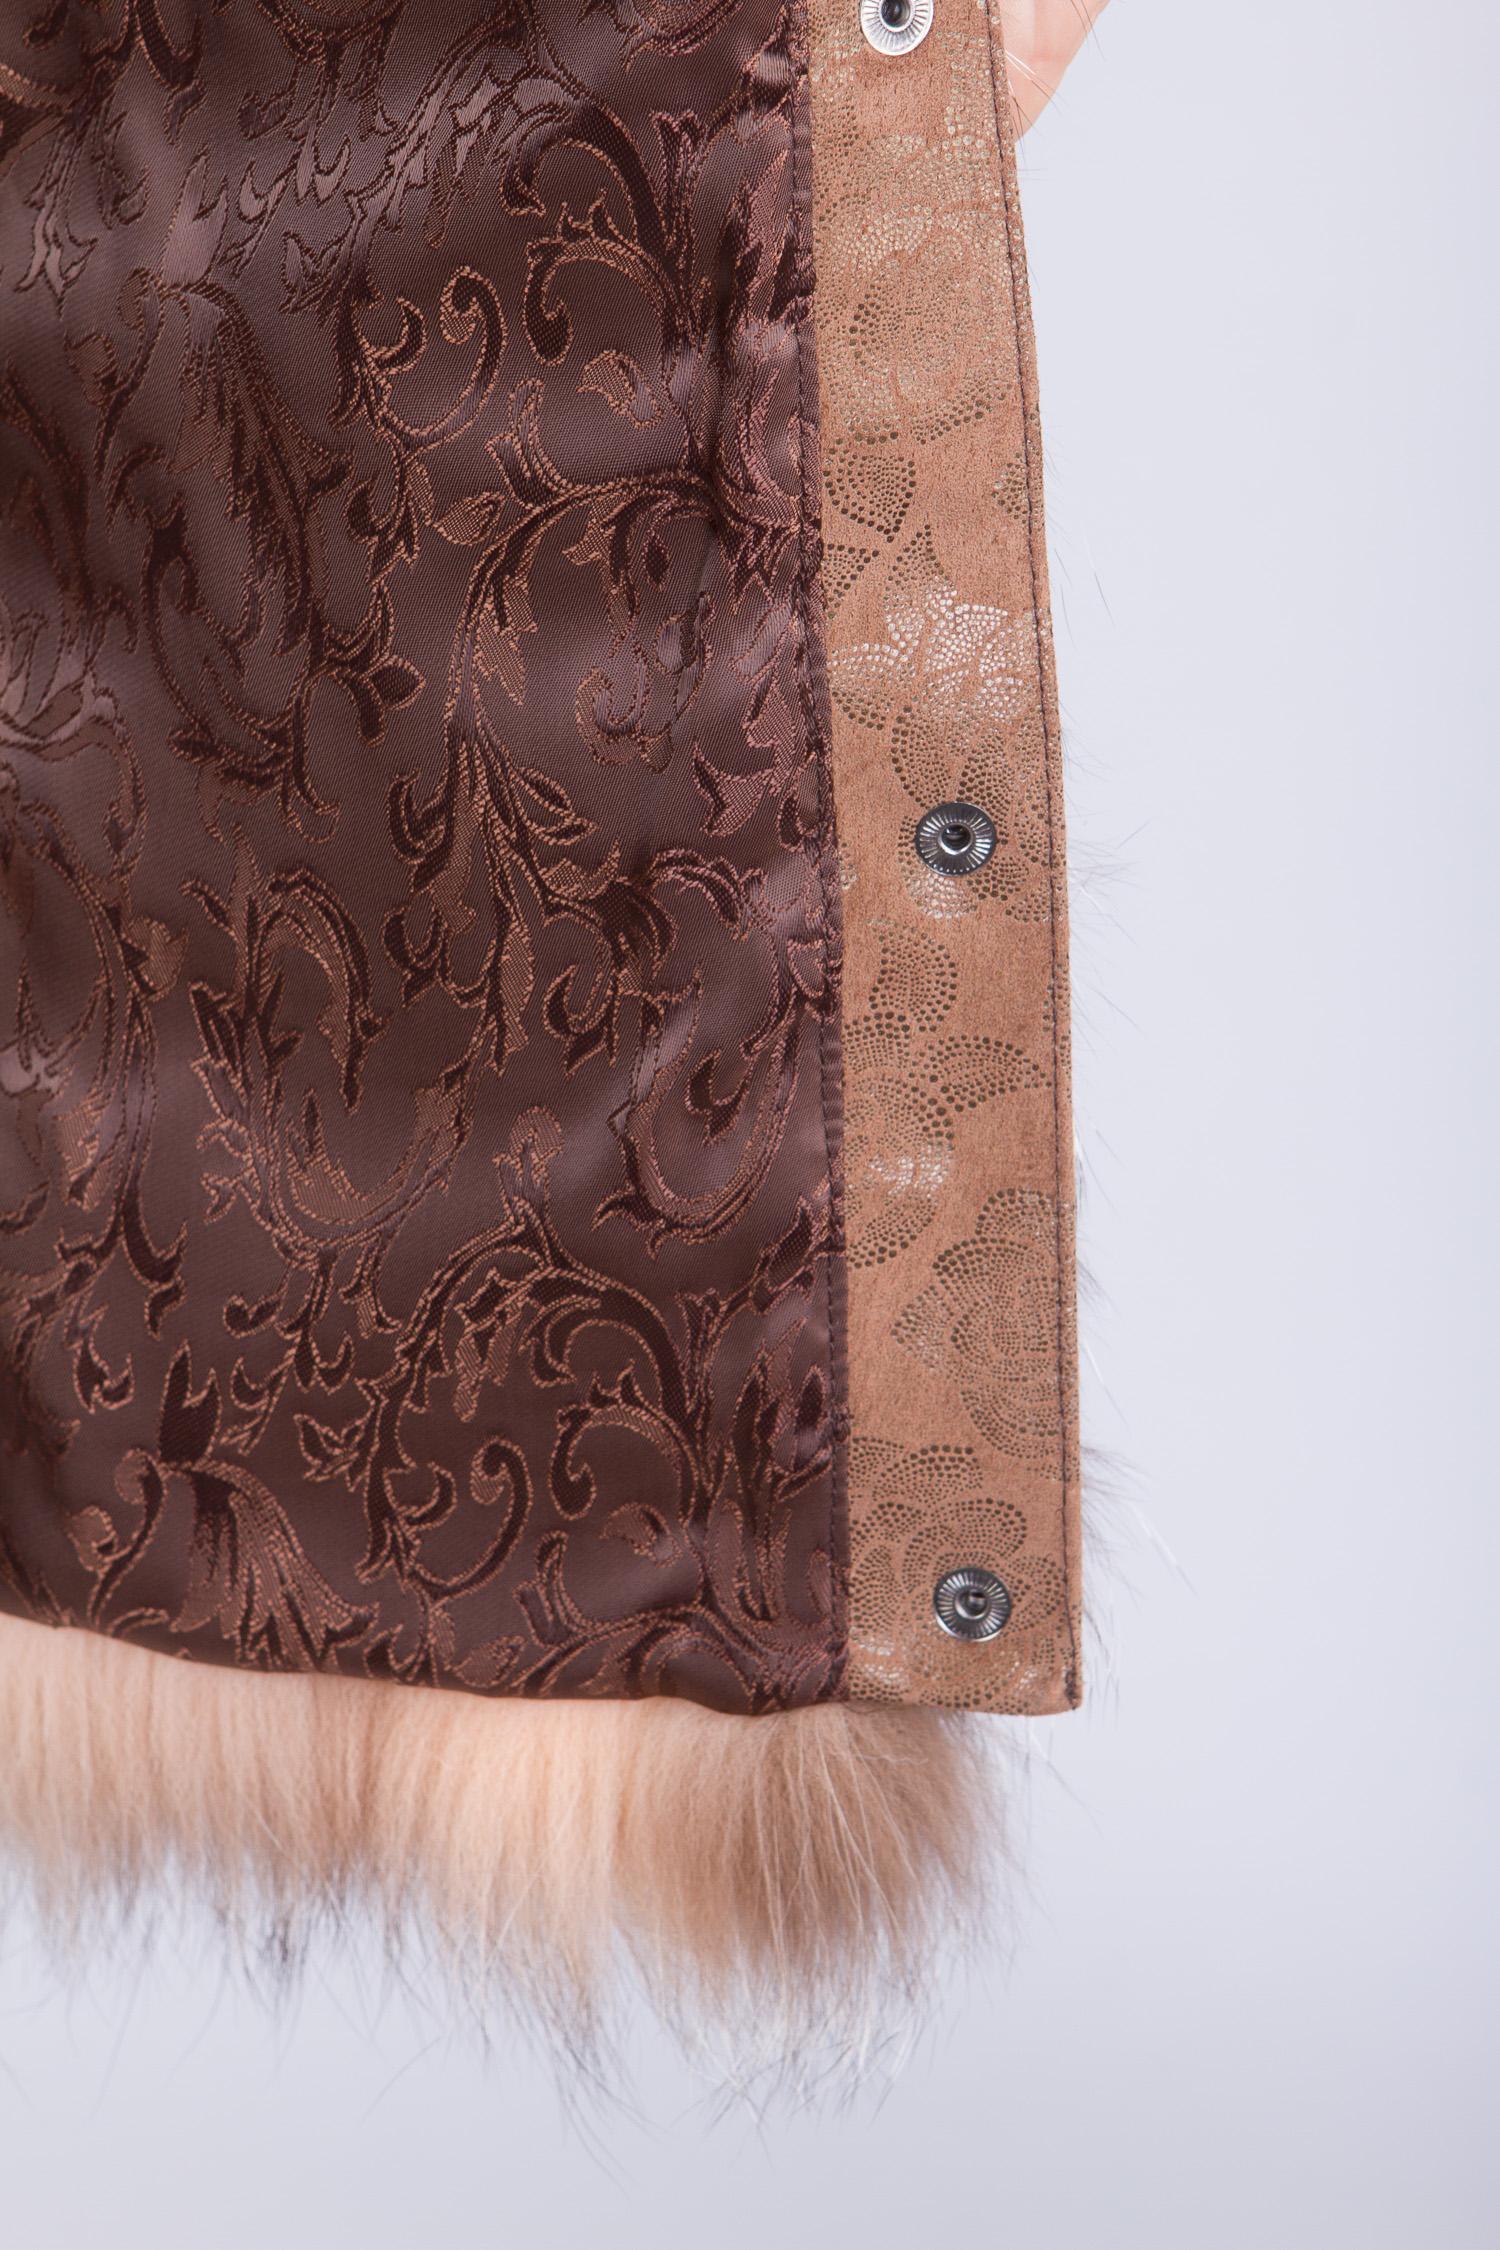 Меховой жилет из лисы от Московская Меховая Компания